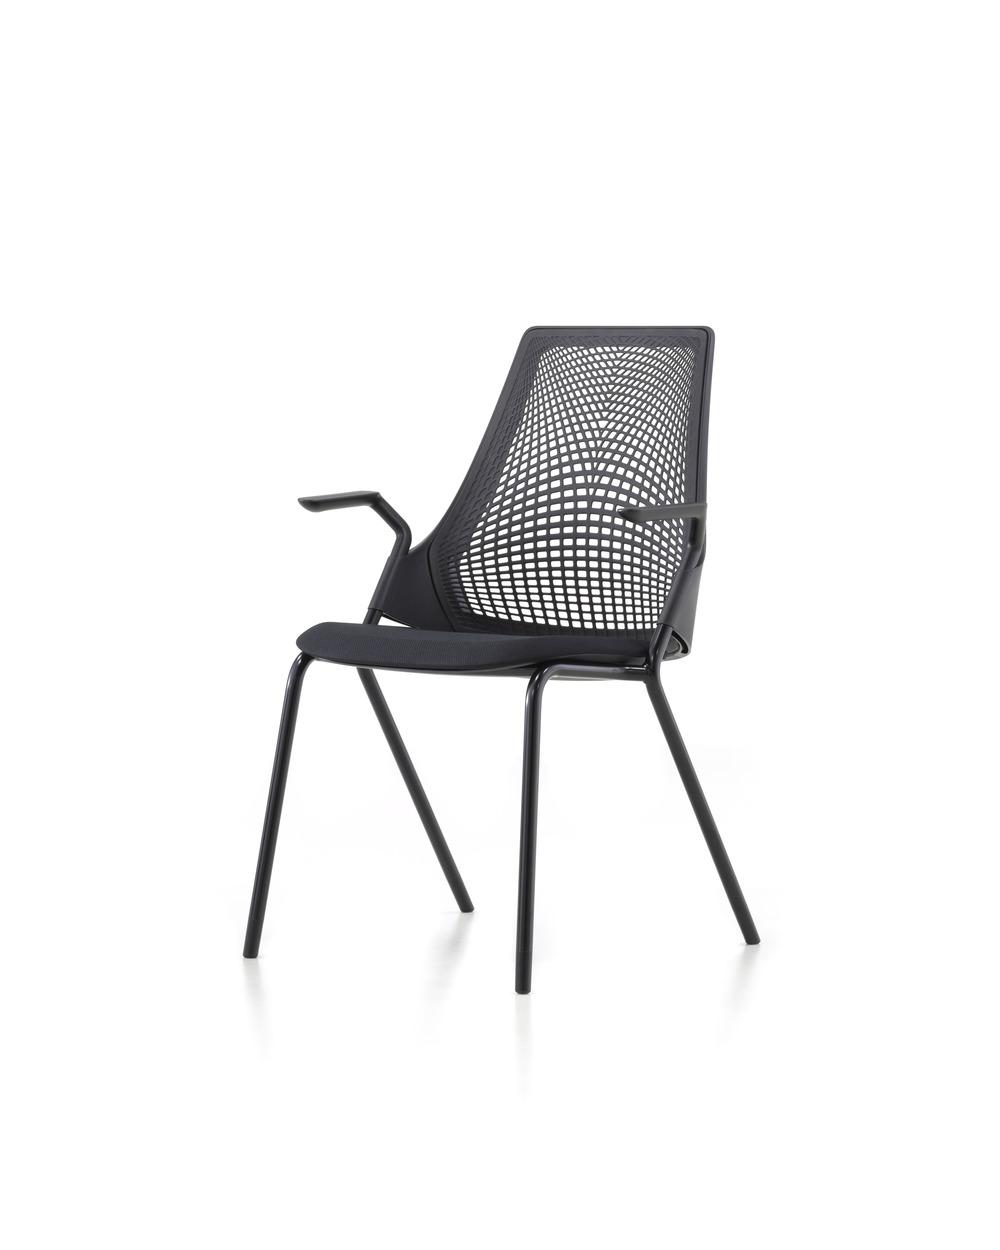 Versjon med 4 ben, sort base og ramme, sort stoff og netting.